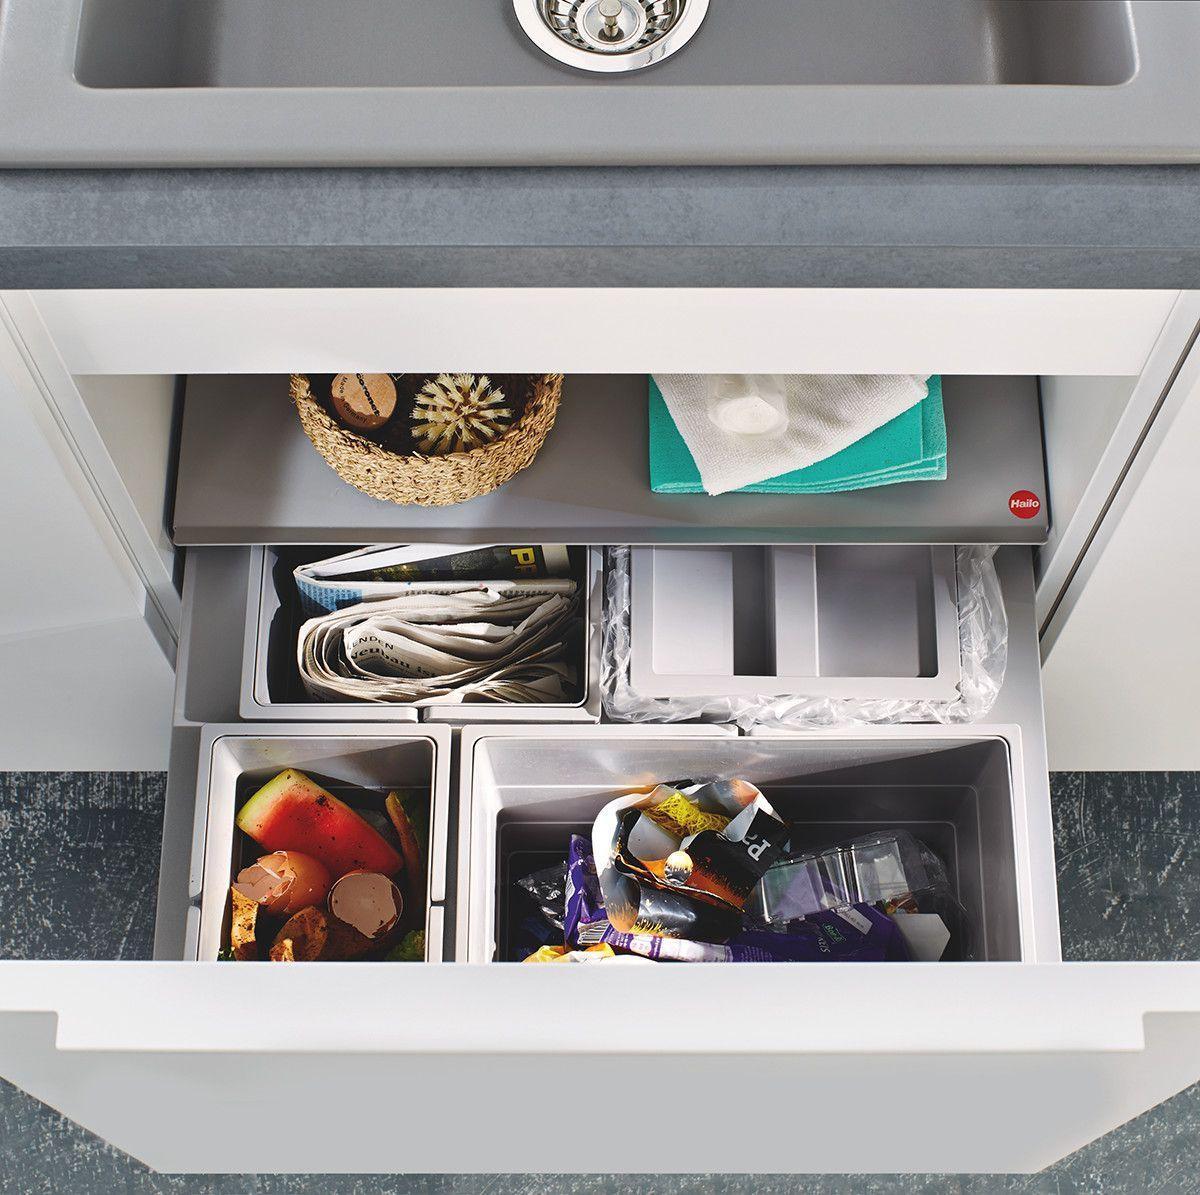 Efficiënt afval scheiden in de keuken